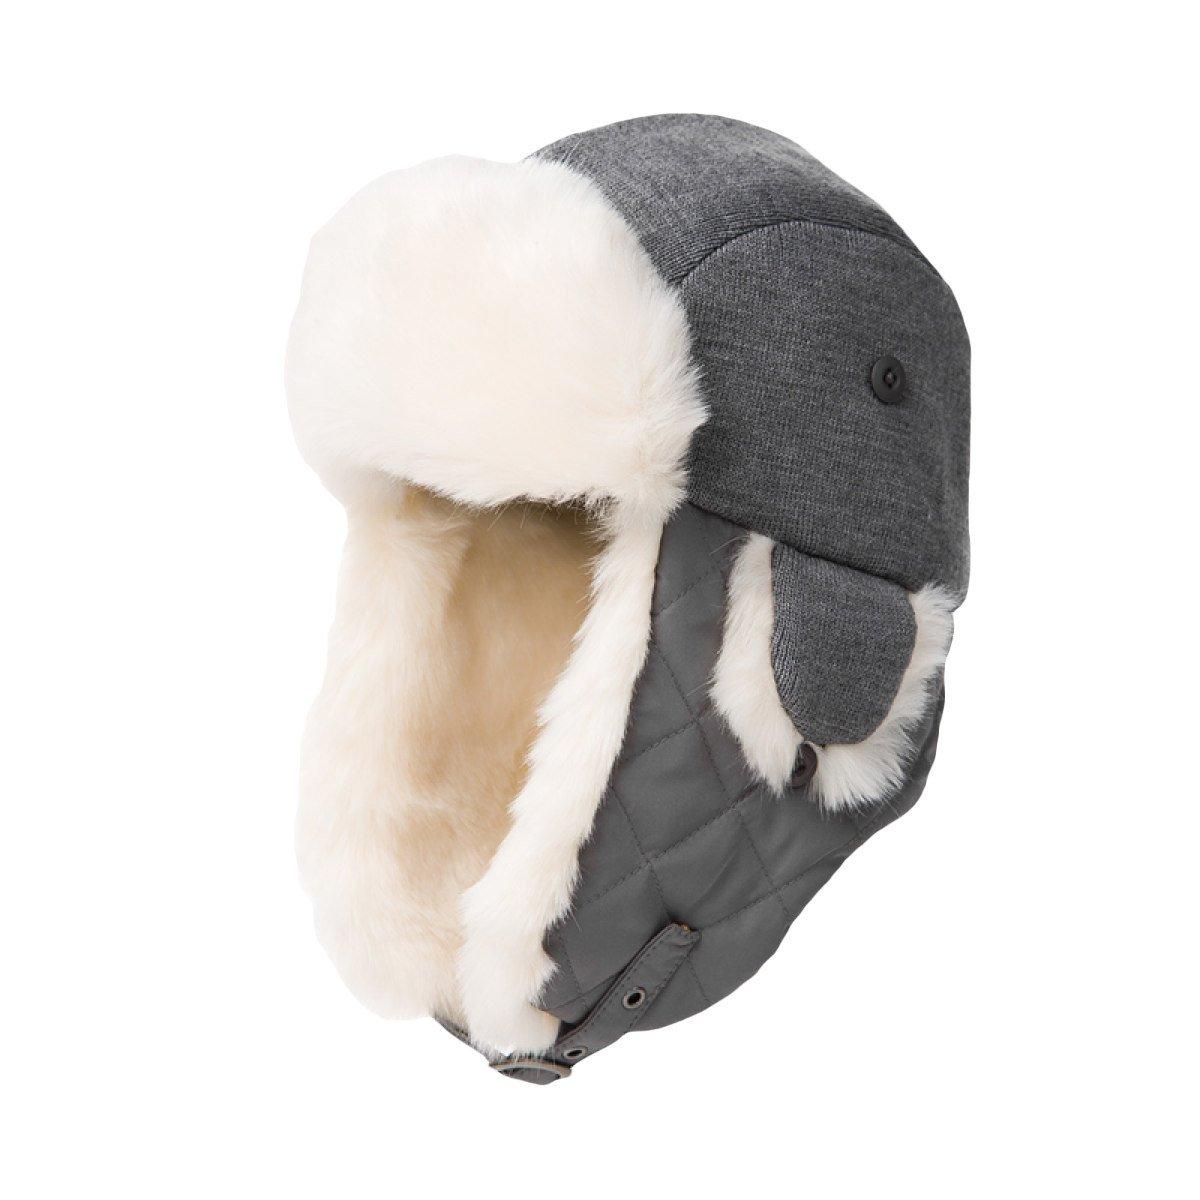 snfgoij Herren Hüte Ski Caps Russische Leder Bomber Hut Winter Fleece Caps Plüsch Verdickung Warm Outdoor